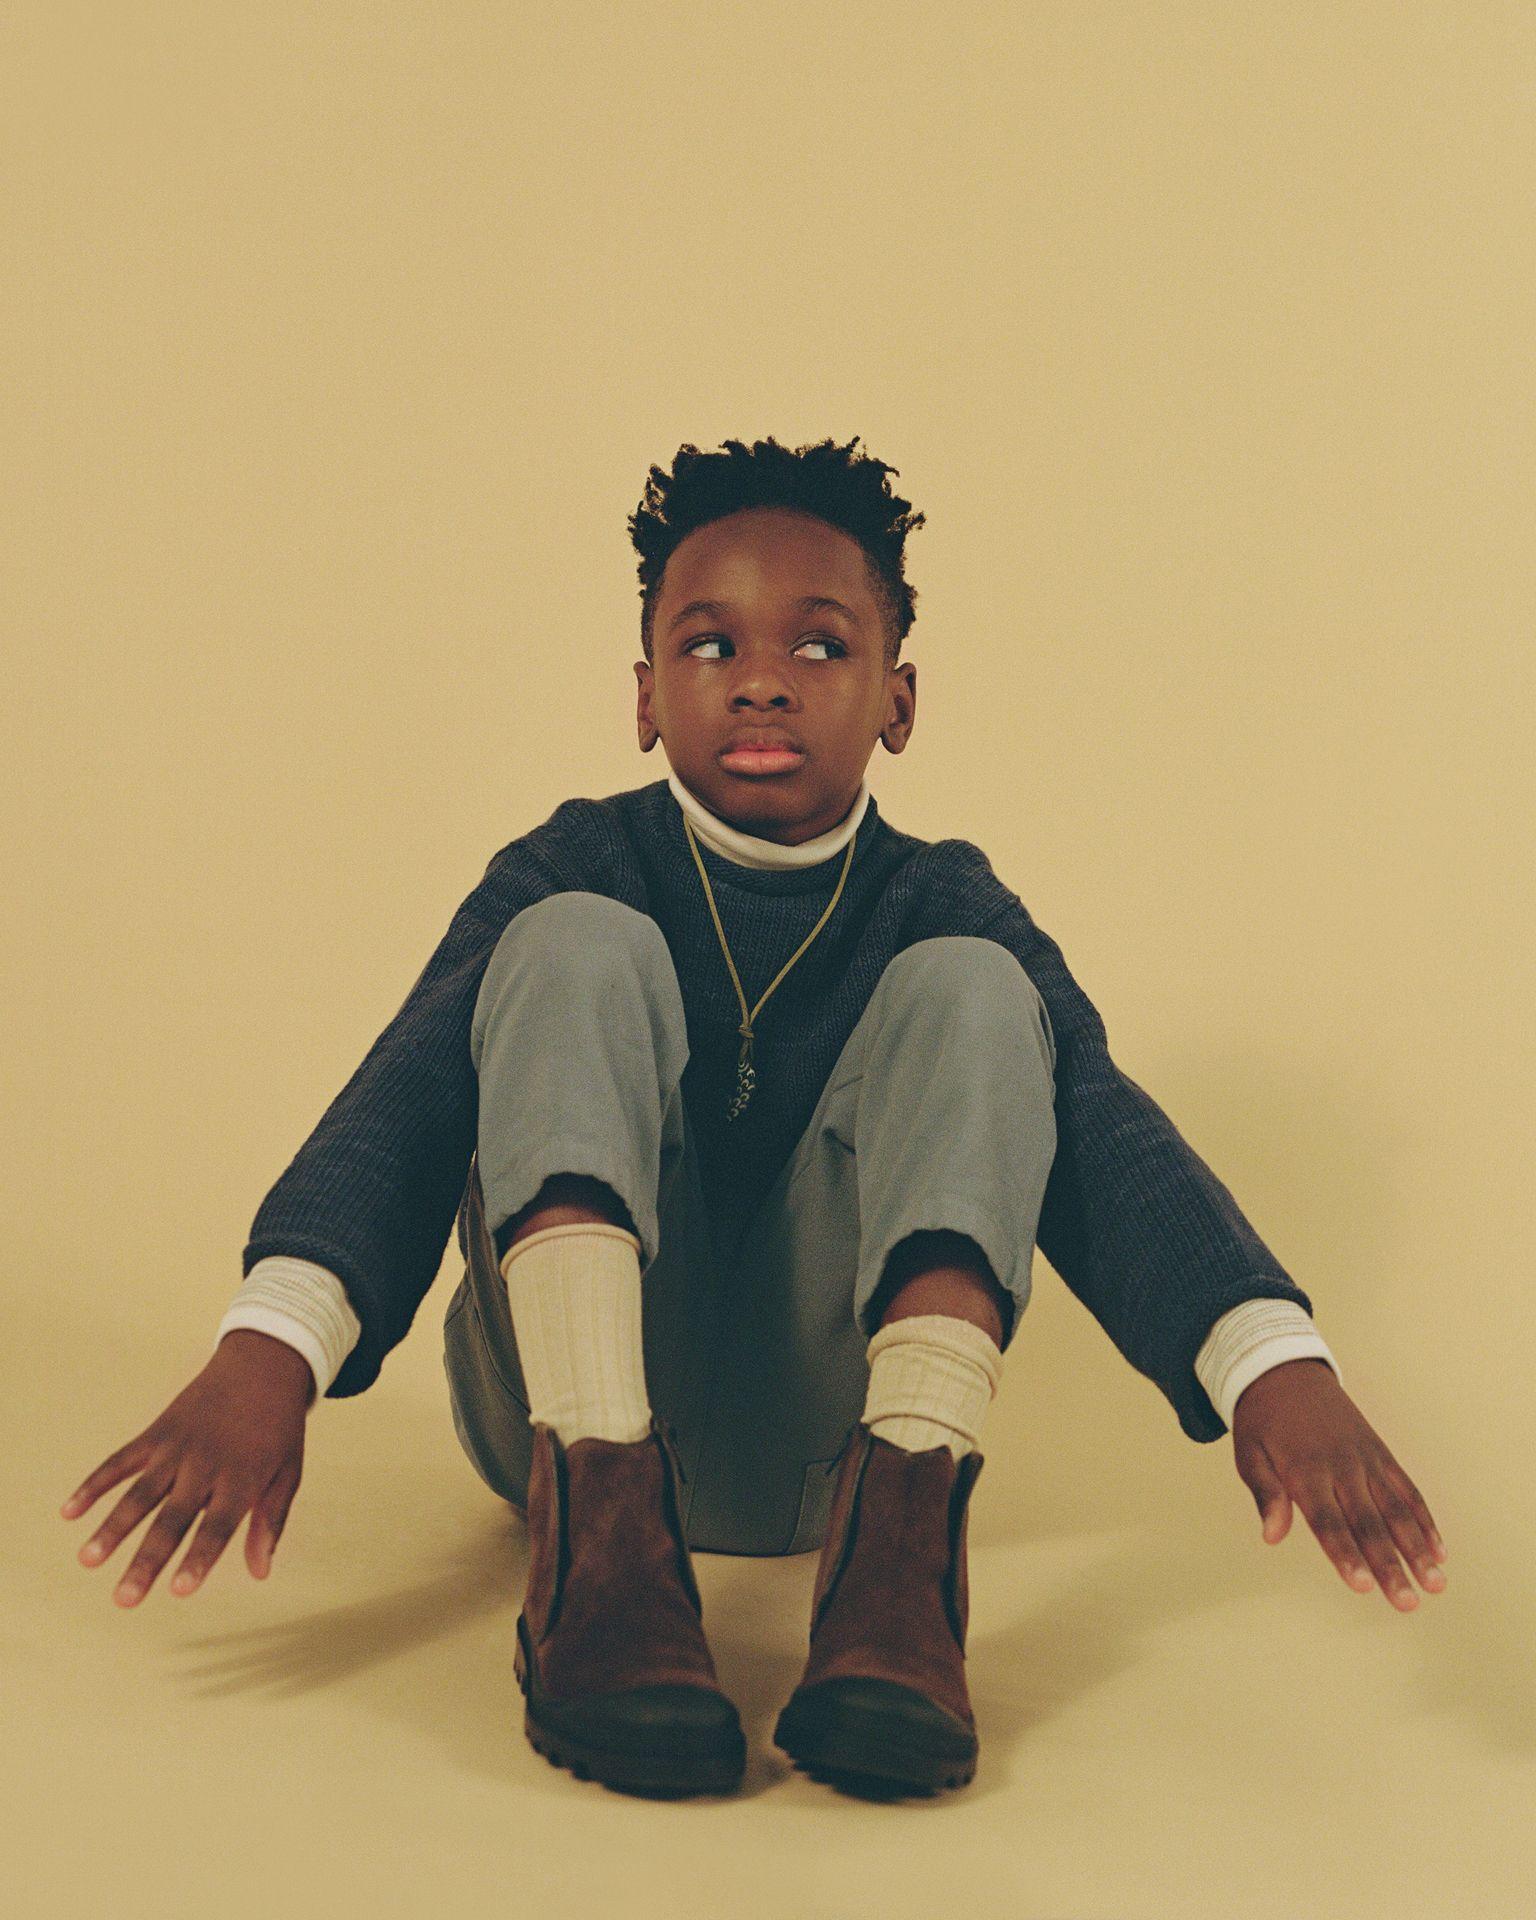 Jeune garçon noir regardant de côté, assis sur un fond jaune beige, les mains en avant dans une pause amusante.